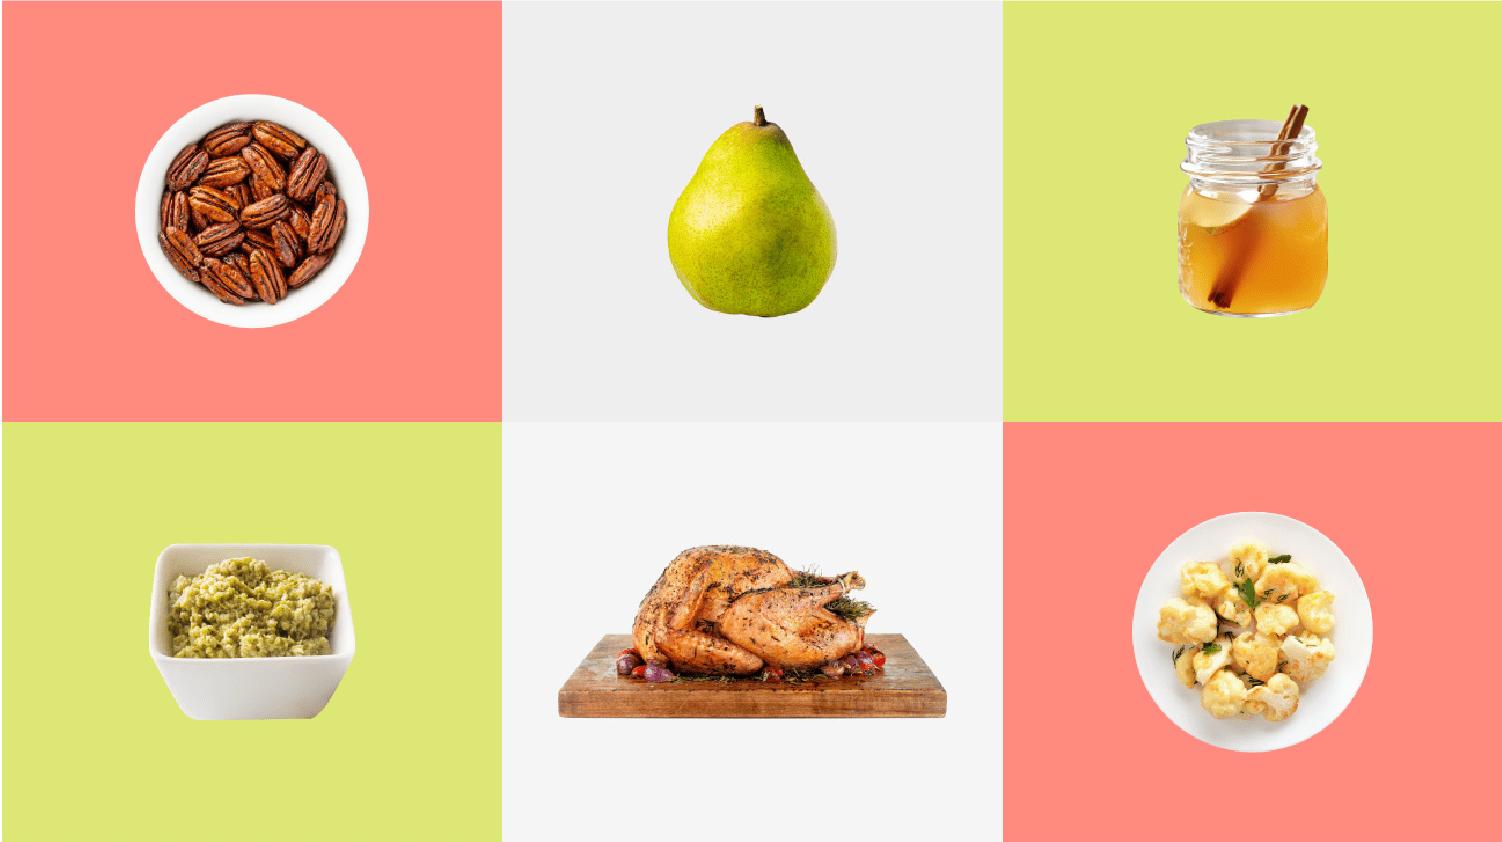 mănâncă sub bmr pentru pierderea în greutate